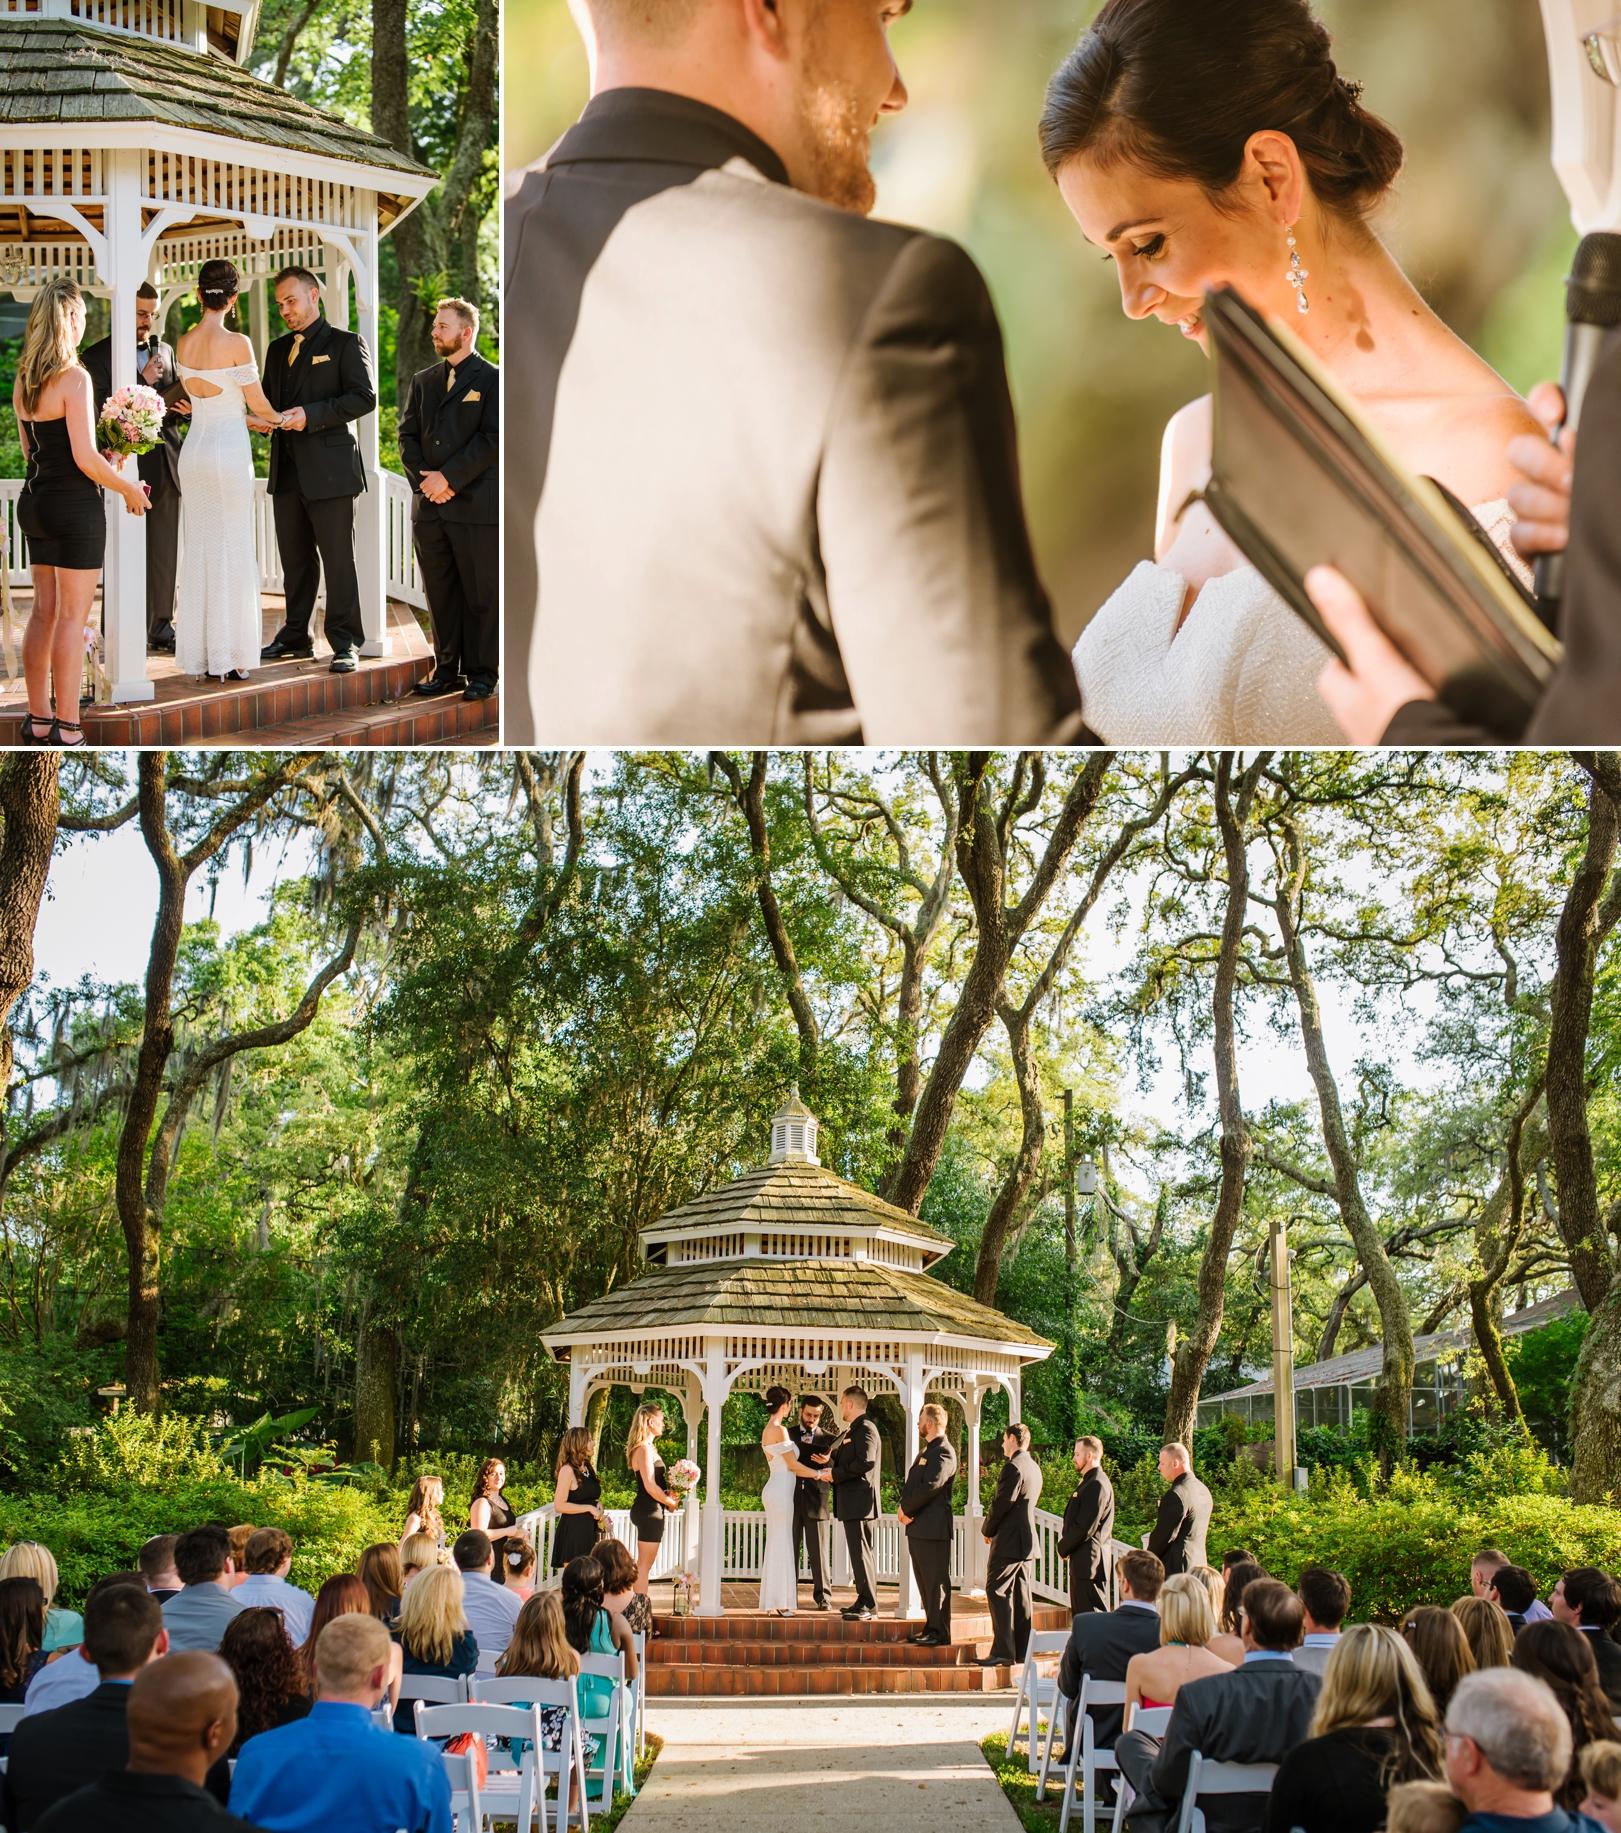 ashlee-hamon-photography-tampa-rustic-outdoor-traditional-wedding_0006.jpg